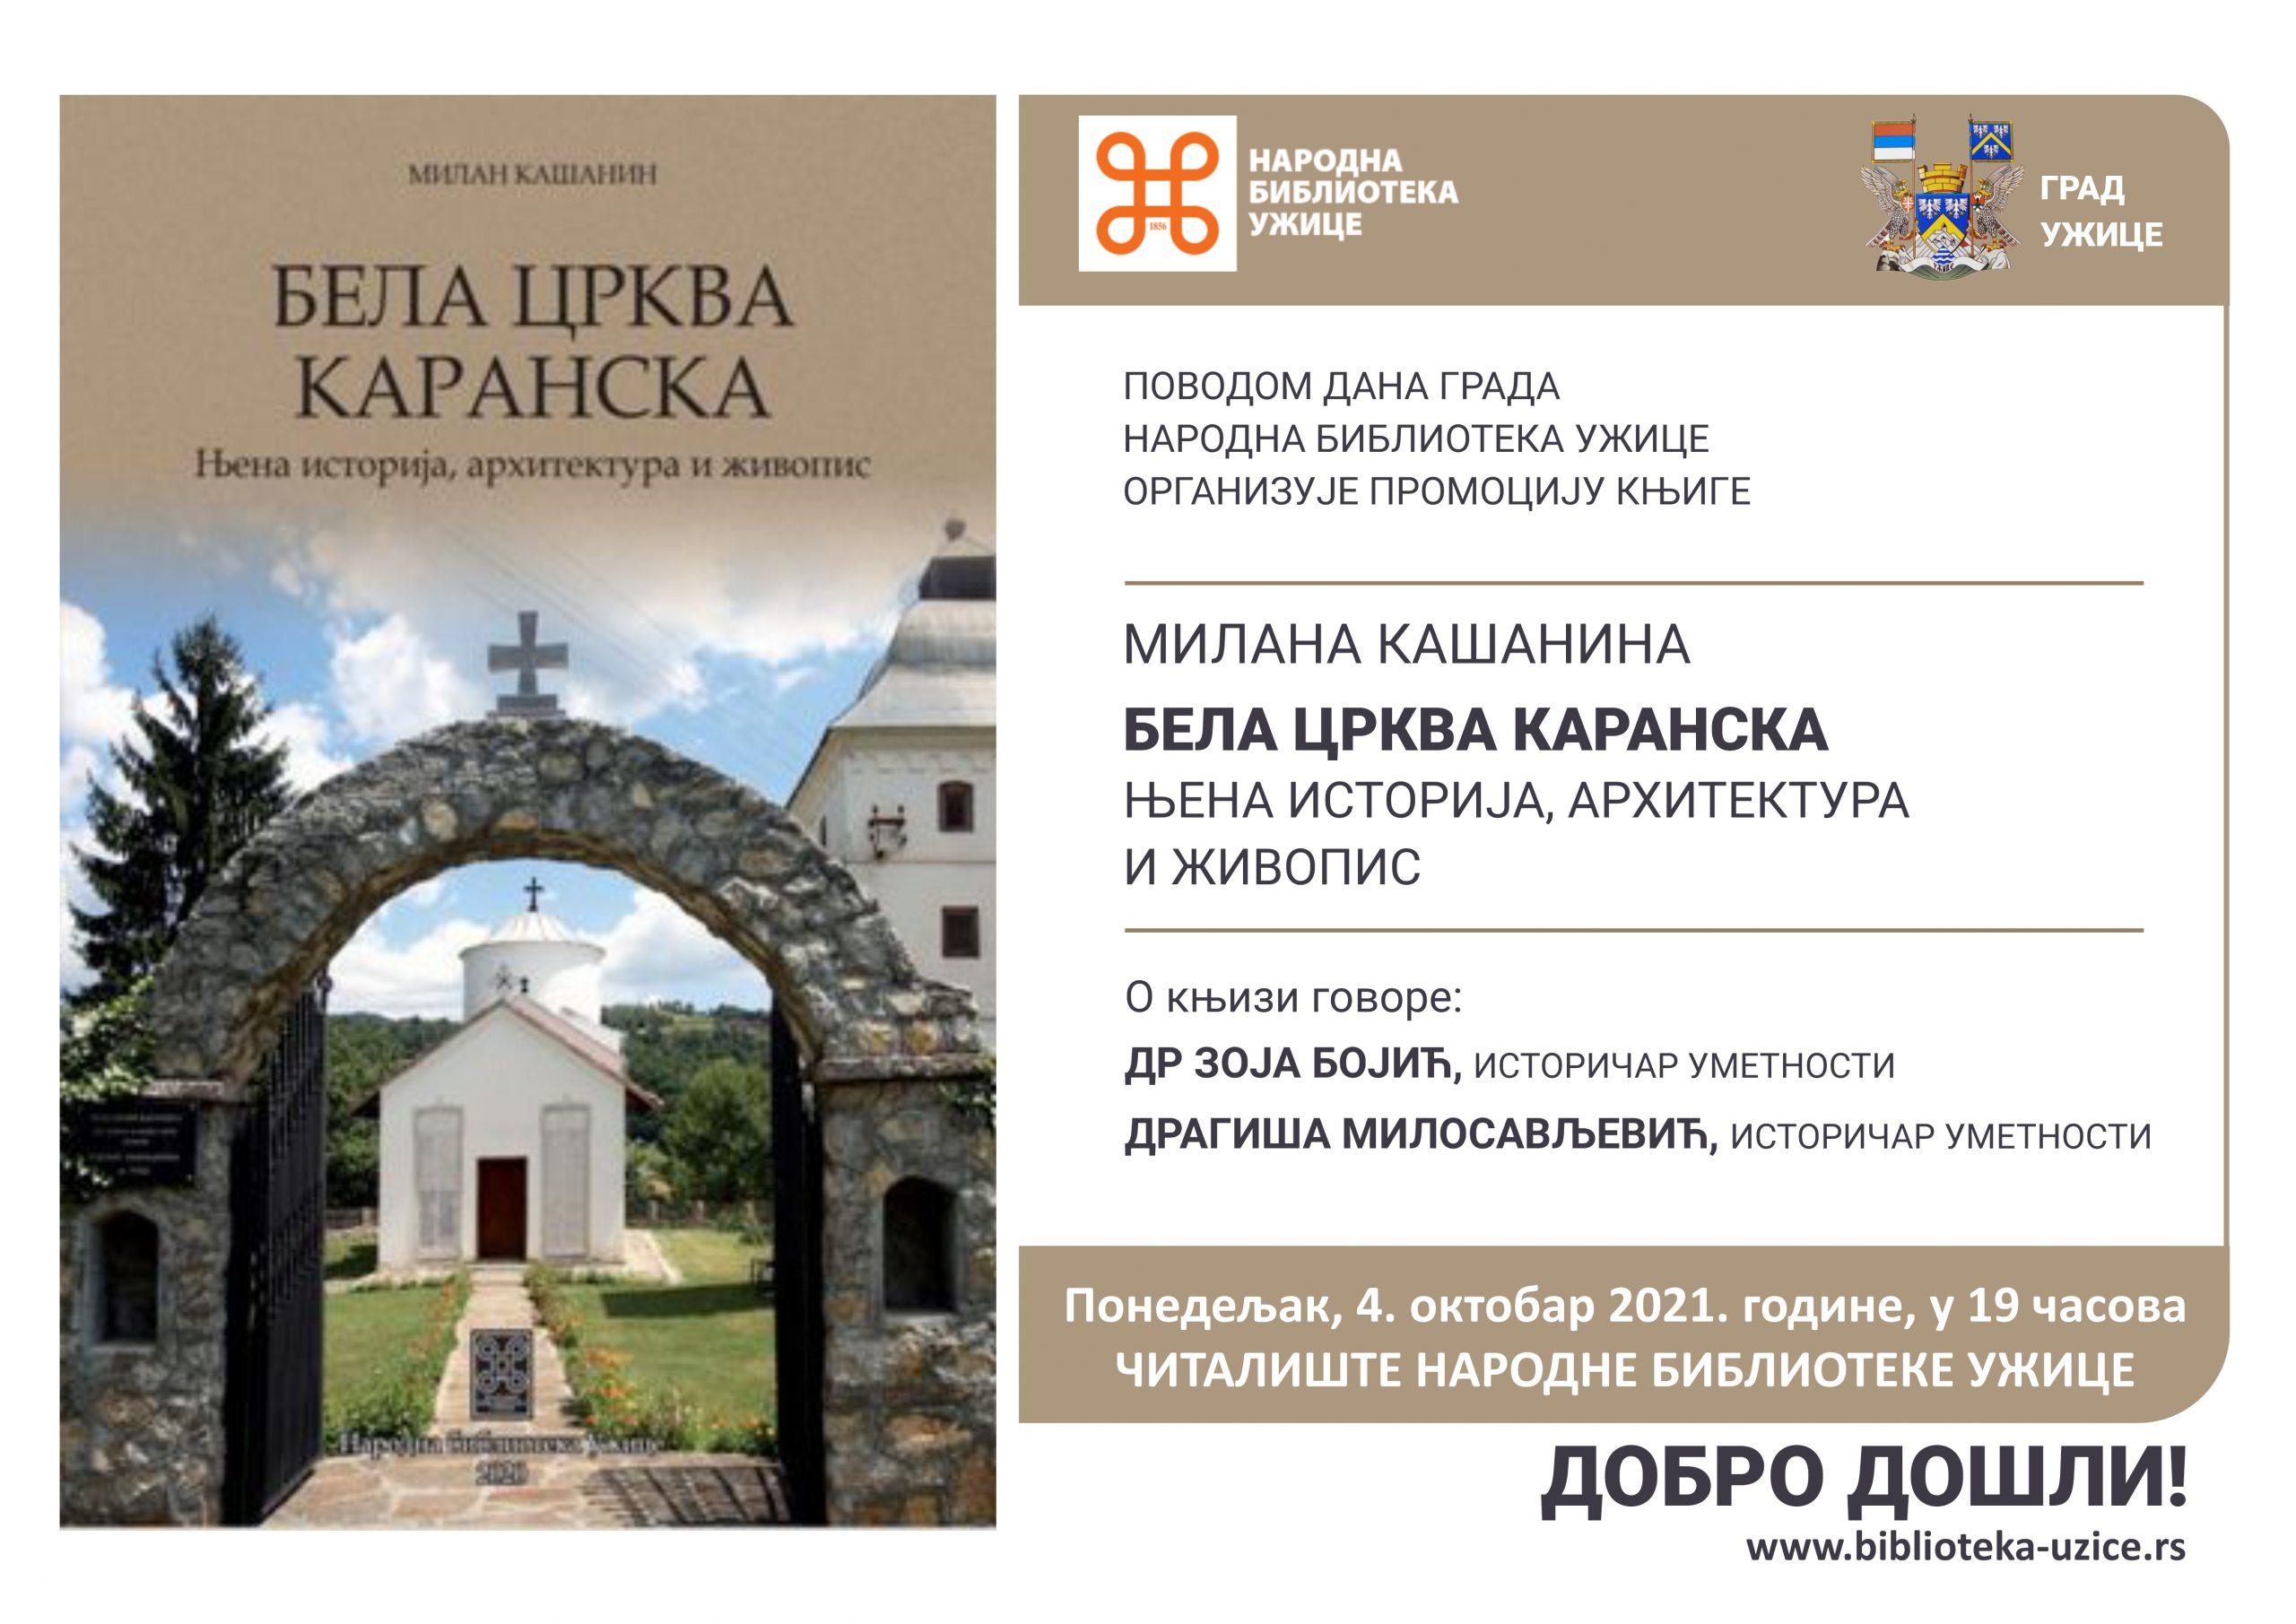 """Промоција књиге ,,Бела црква каранска"""""""